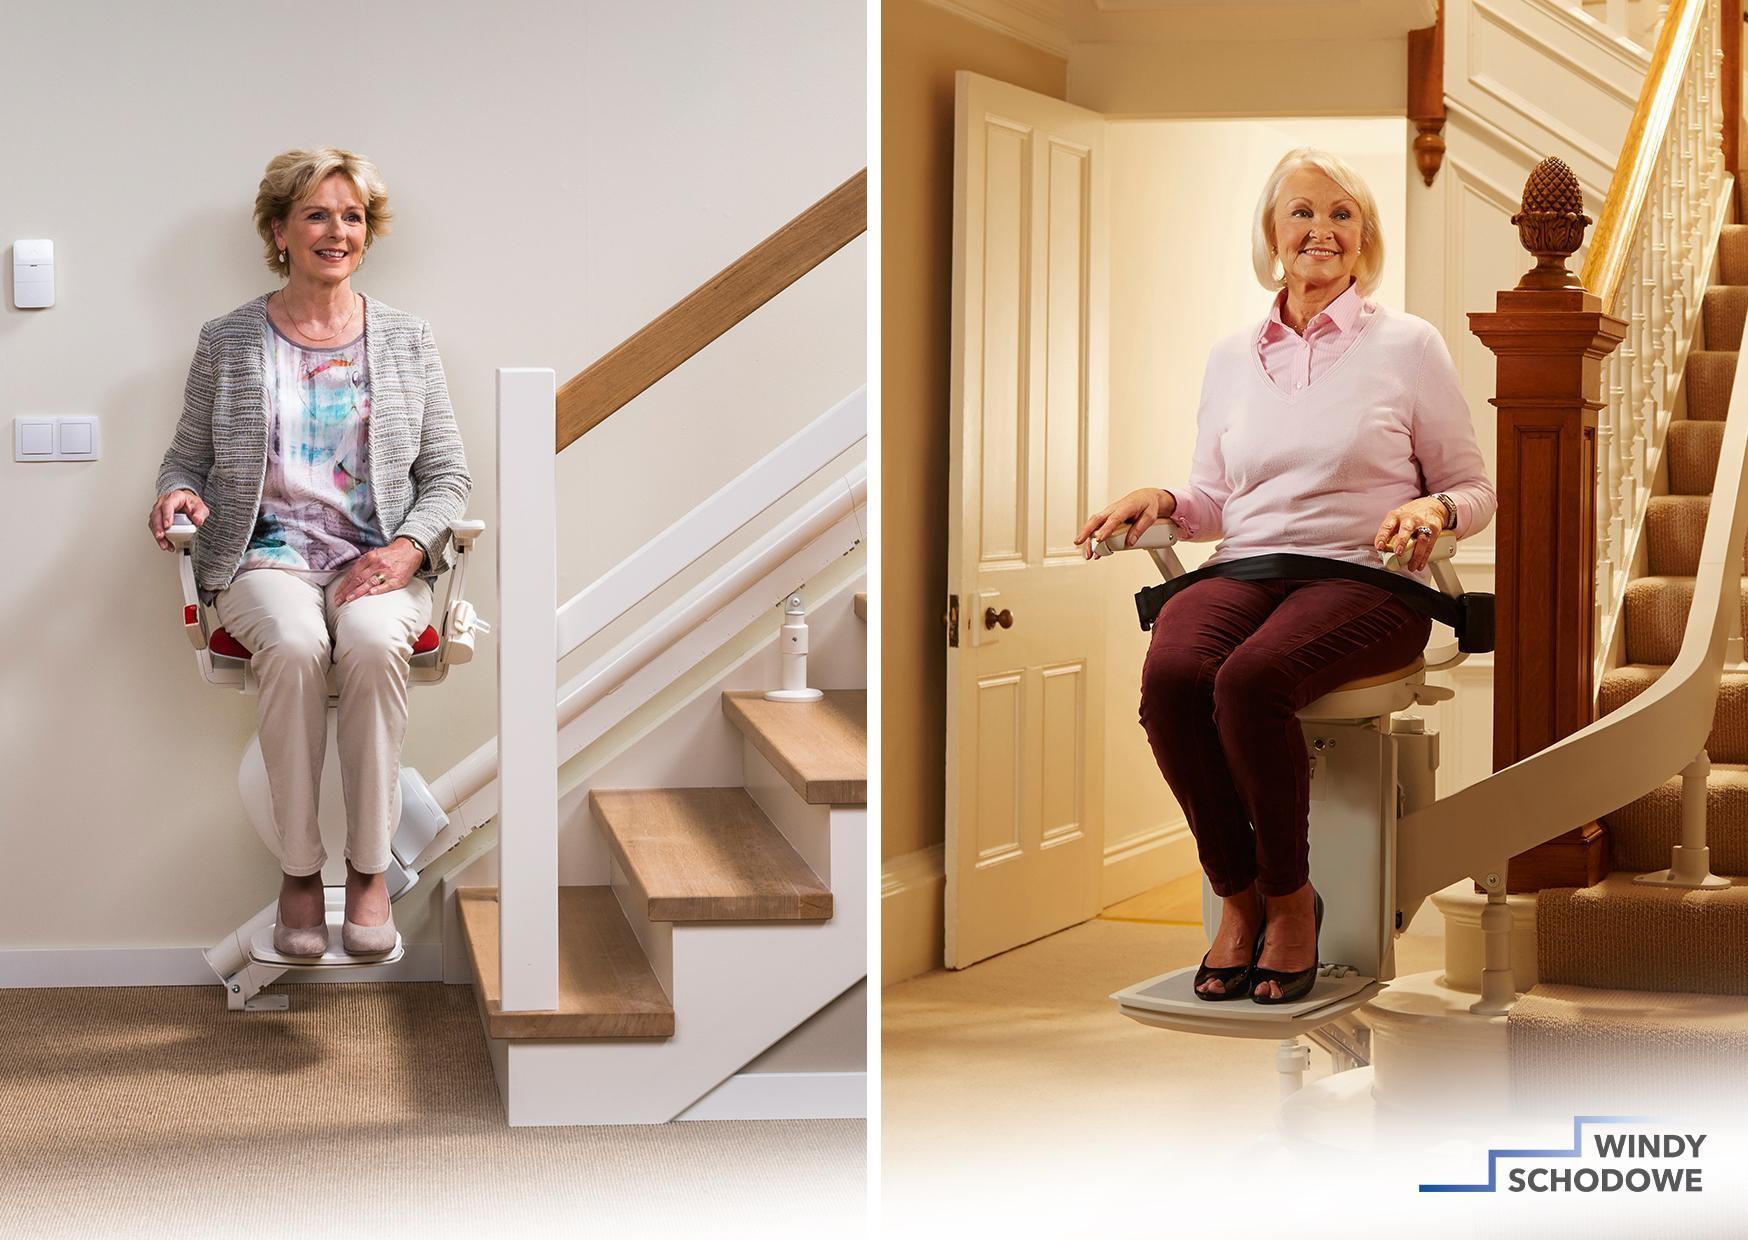 Krzesełko schodowe prostoliniowe i krzywoliniowe